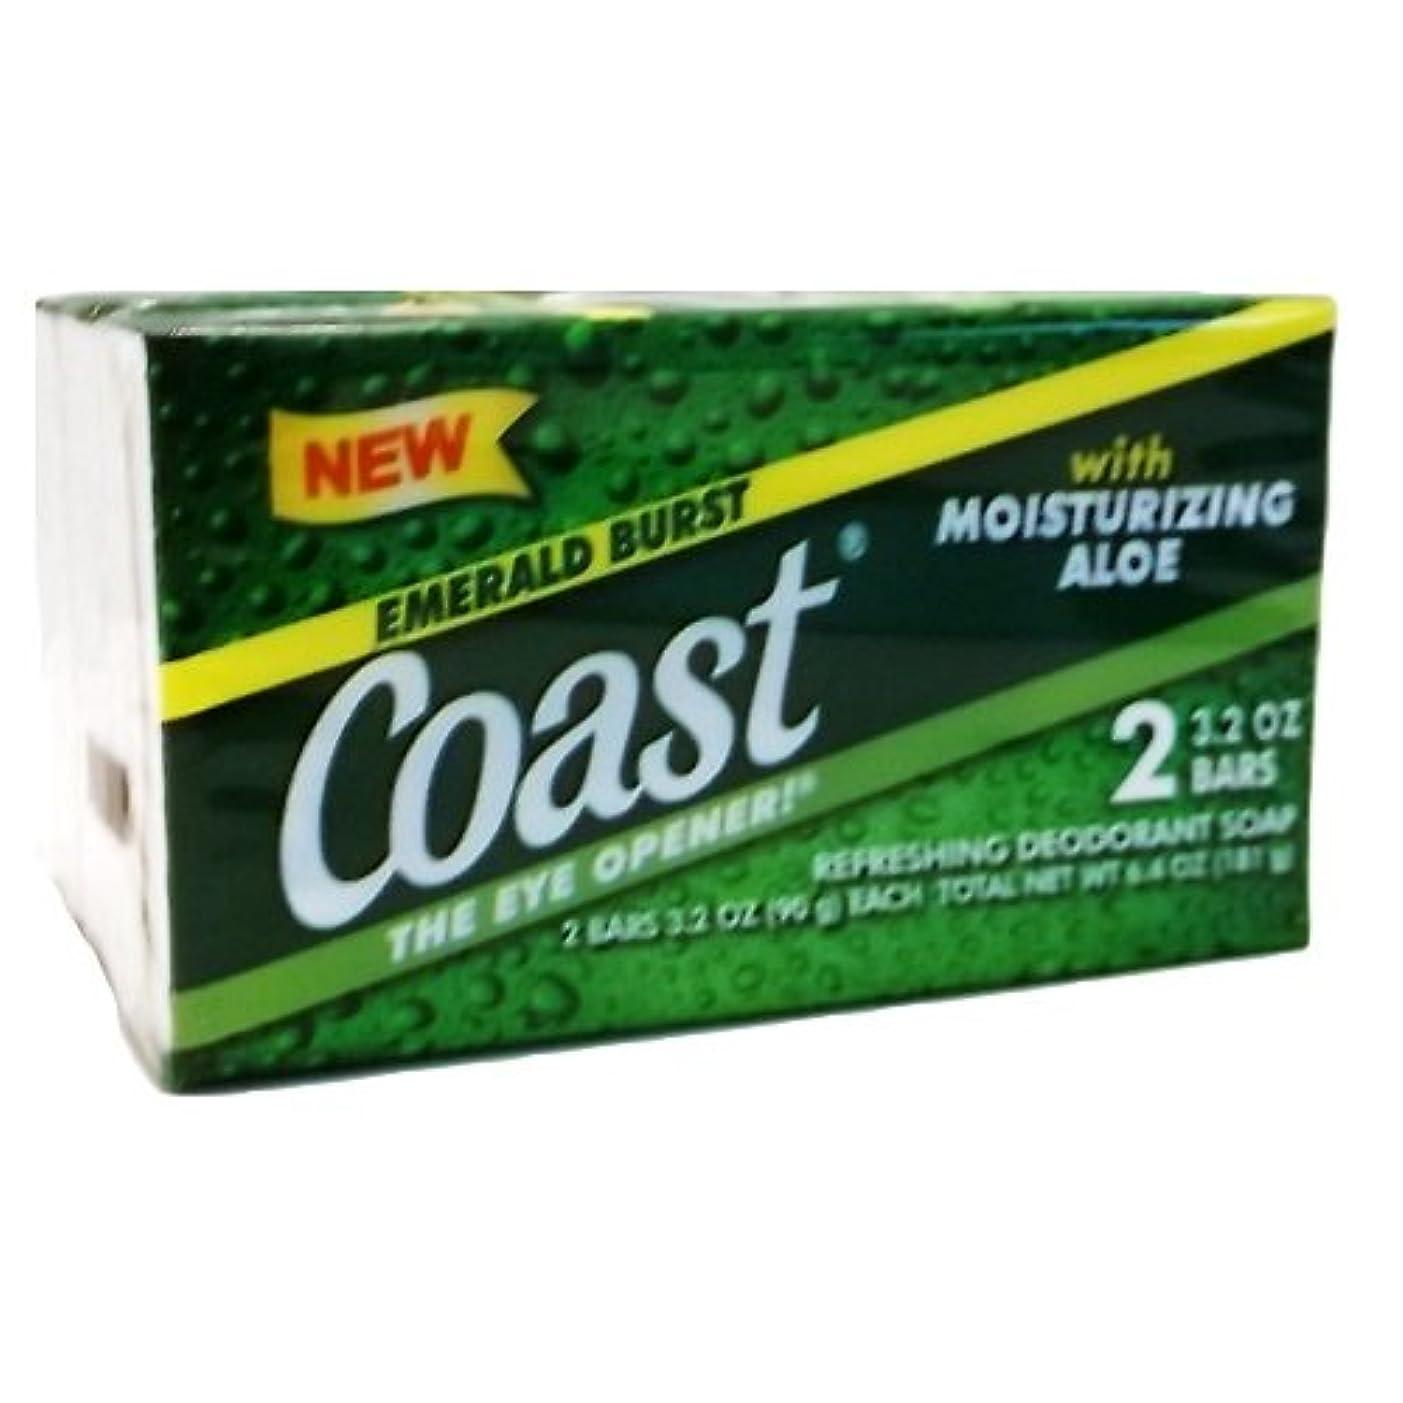 ベースギャラントリーどうやってコースト(Coast) 石けんエメラルドバースト2個入り×24パック(48個)